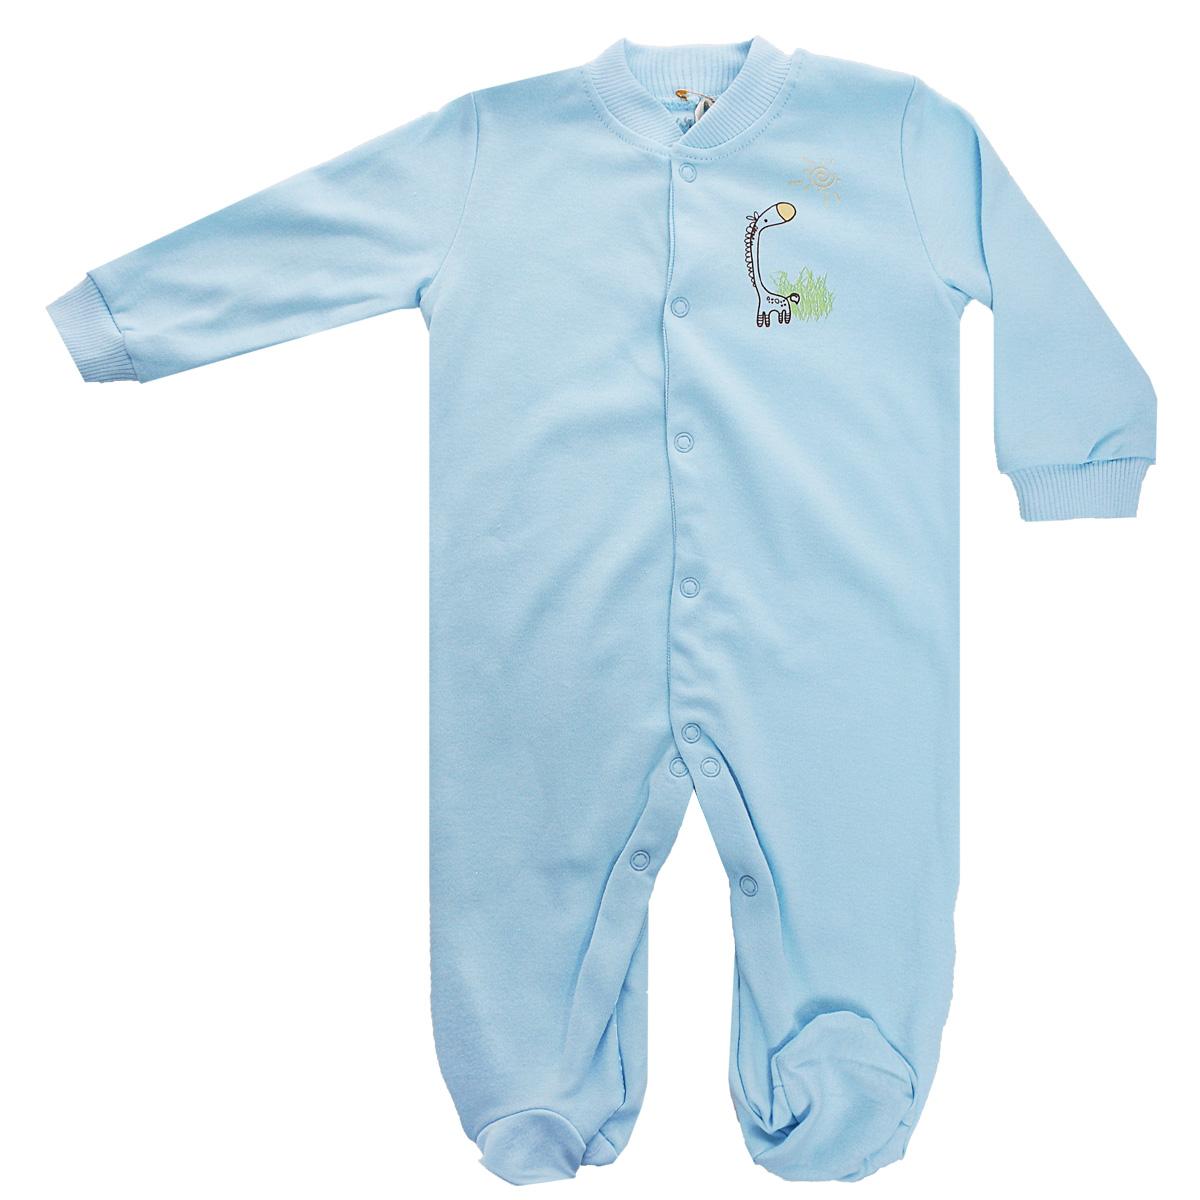 Комбинезон детский Клякса, цвет: голубой. 37-550. Размер 74, 9 месяцев37-550Удобный детский комбинезон Клякса послужит идеальным дополнением к гардеробу ребенка. Комбинезон изготовлен из интерлок-пенье - натурального хлопка, благодаря чему он необычайно мягкий и легкий, не раздражает нежную кожу младенца и хорошо вентилируется, а эластичные швы приятны телу малыша и не препятствуют его движениям. Комбинезон с длинными рукавами, небольшим воротничком-стойкой и закрытыми ножками имеет ассиметричные застежки-кнопки от горловины до щиколотки, которые помогают легко переодеть ребенка или сменить подгузник. Низ рукавов дополнен широкими эластичными манжетами, не пережимающими запястья малыша. На груди изделие оформлено оригинальным принтом с изображением забавного животного.Комбинезон полностью соответствует особенностям жизни ребенка в ранний период, не стесняя и не ограничивая его в движениях!